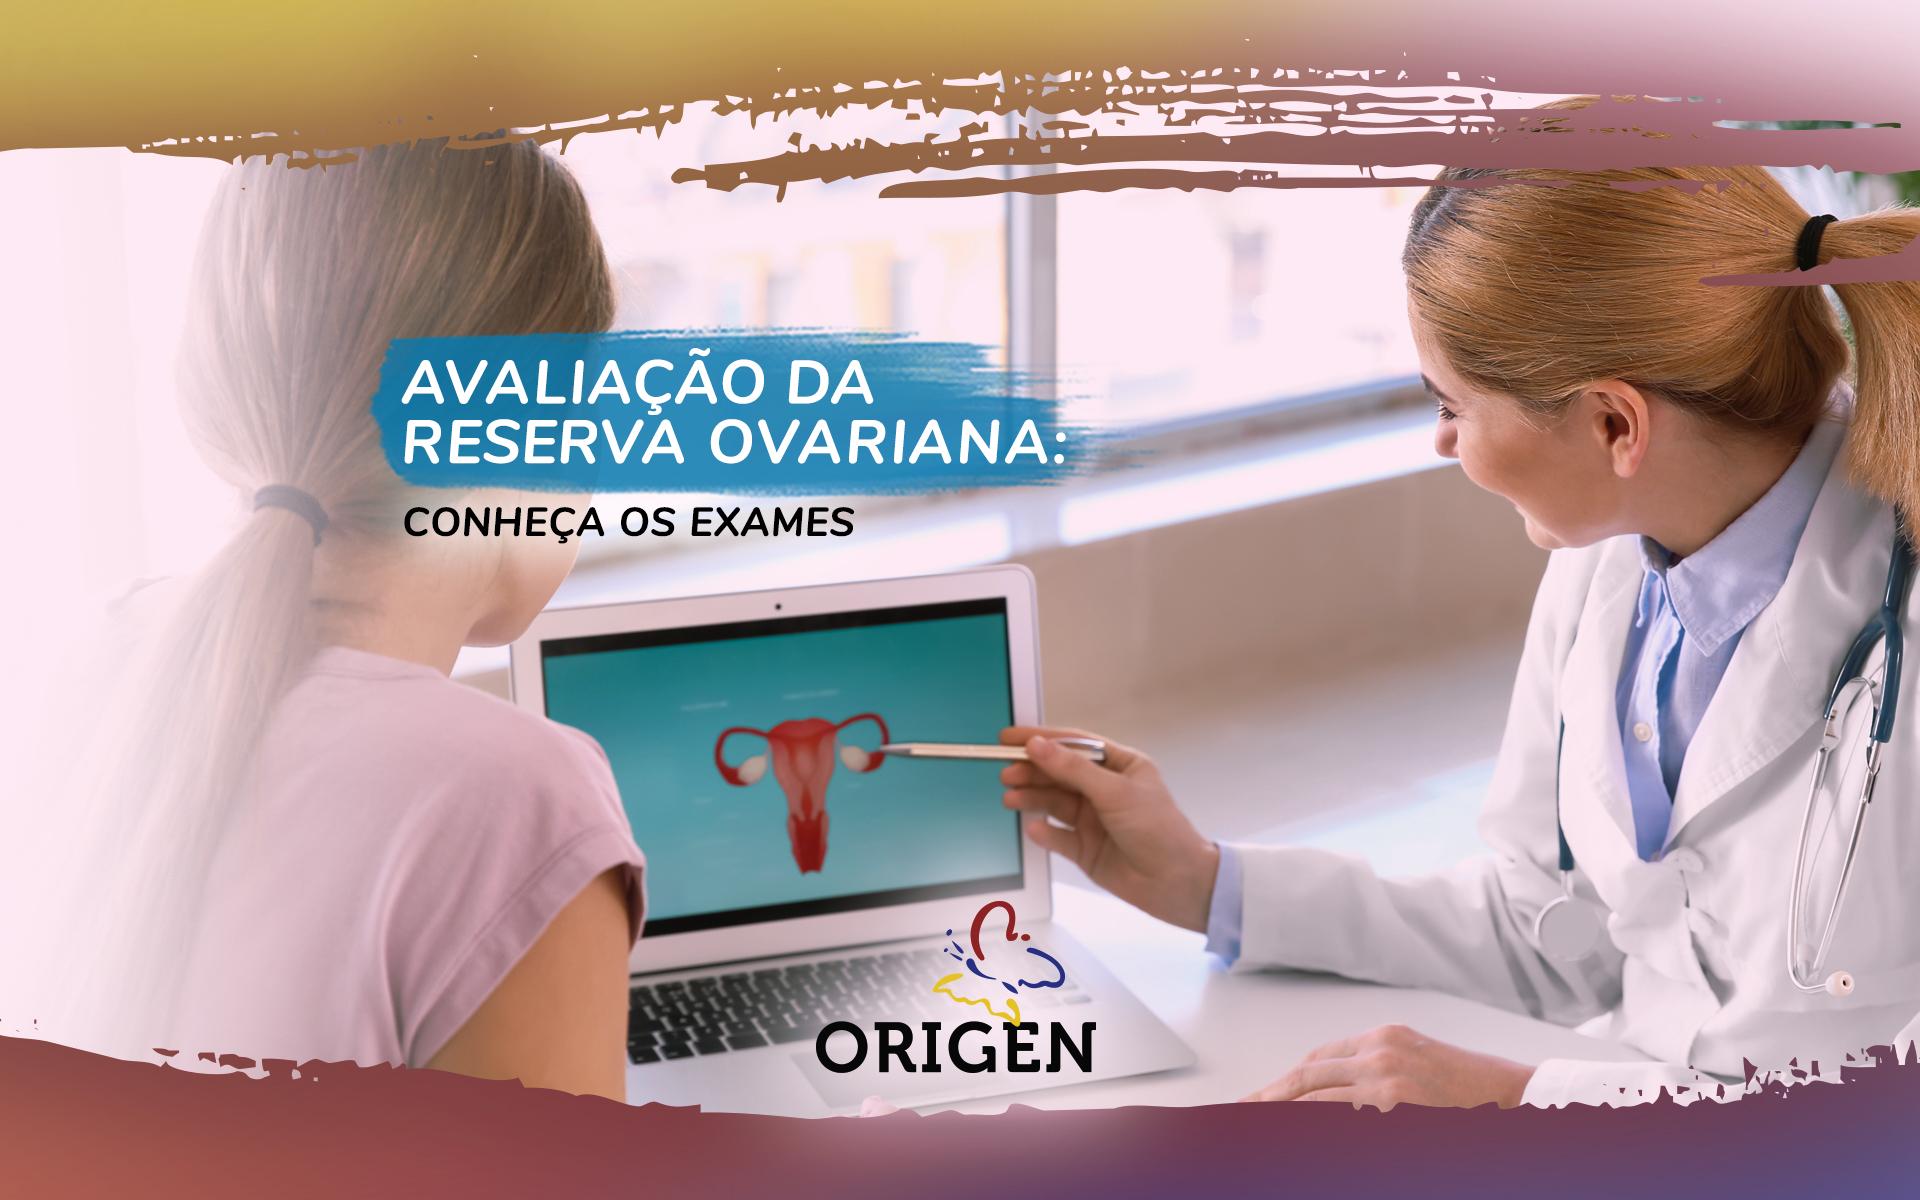 Avaliação da reserva ovariana: conheça os exames